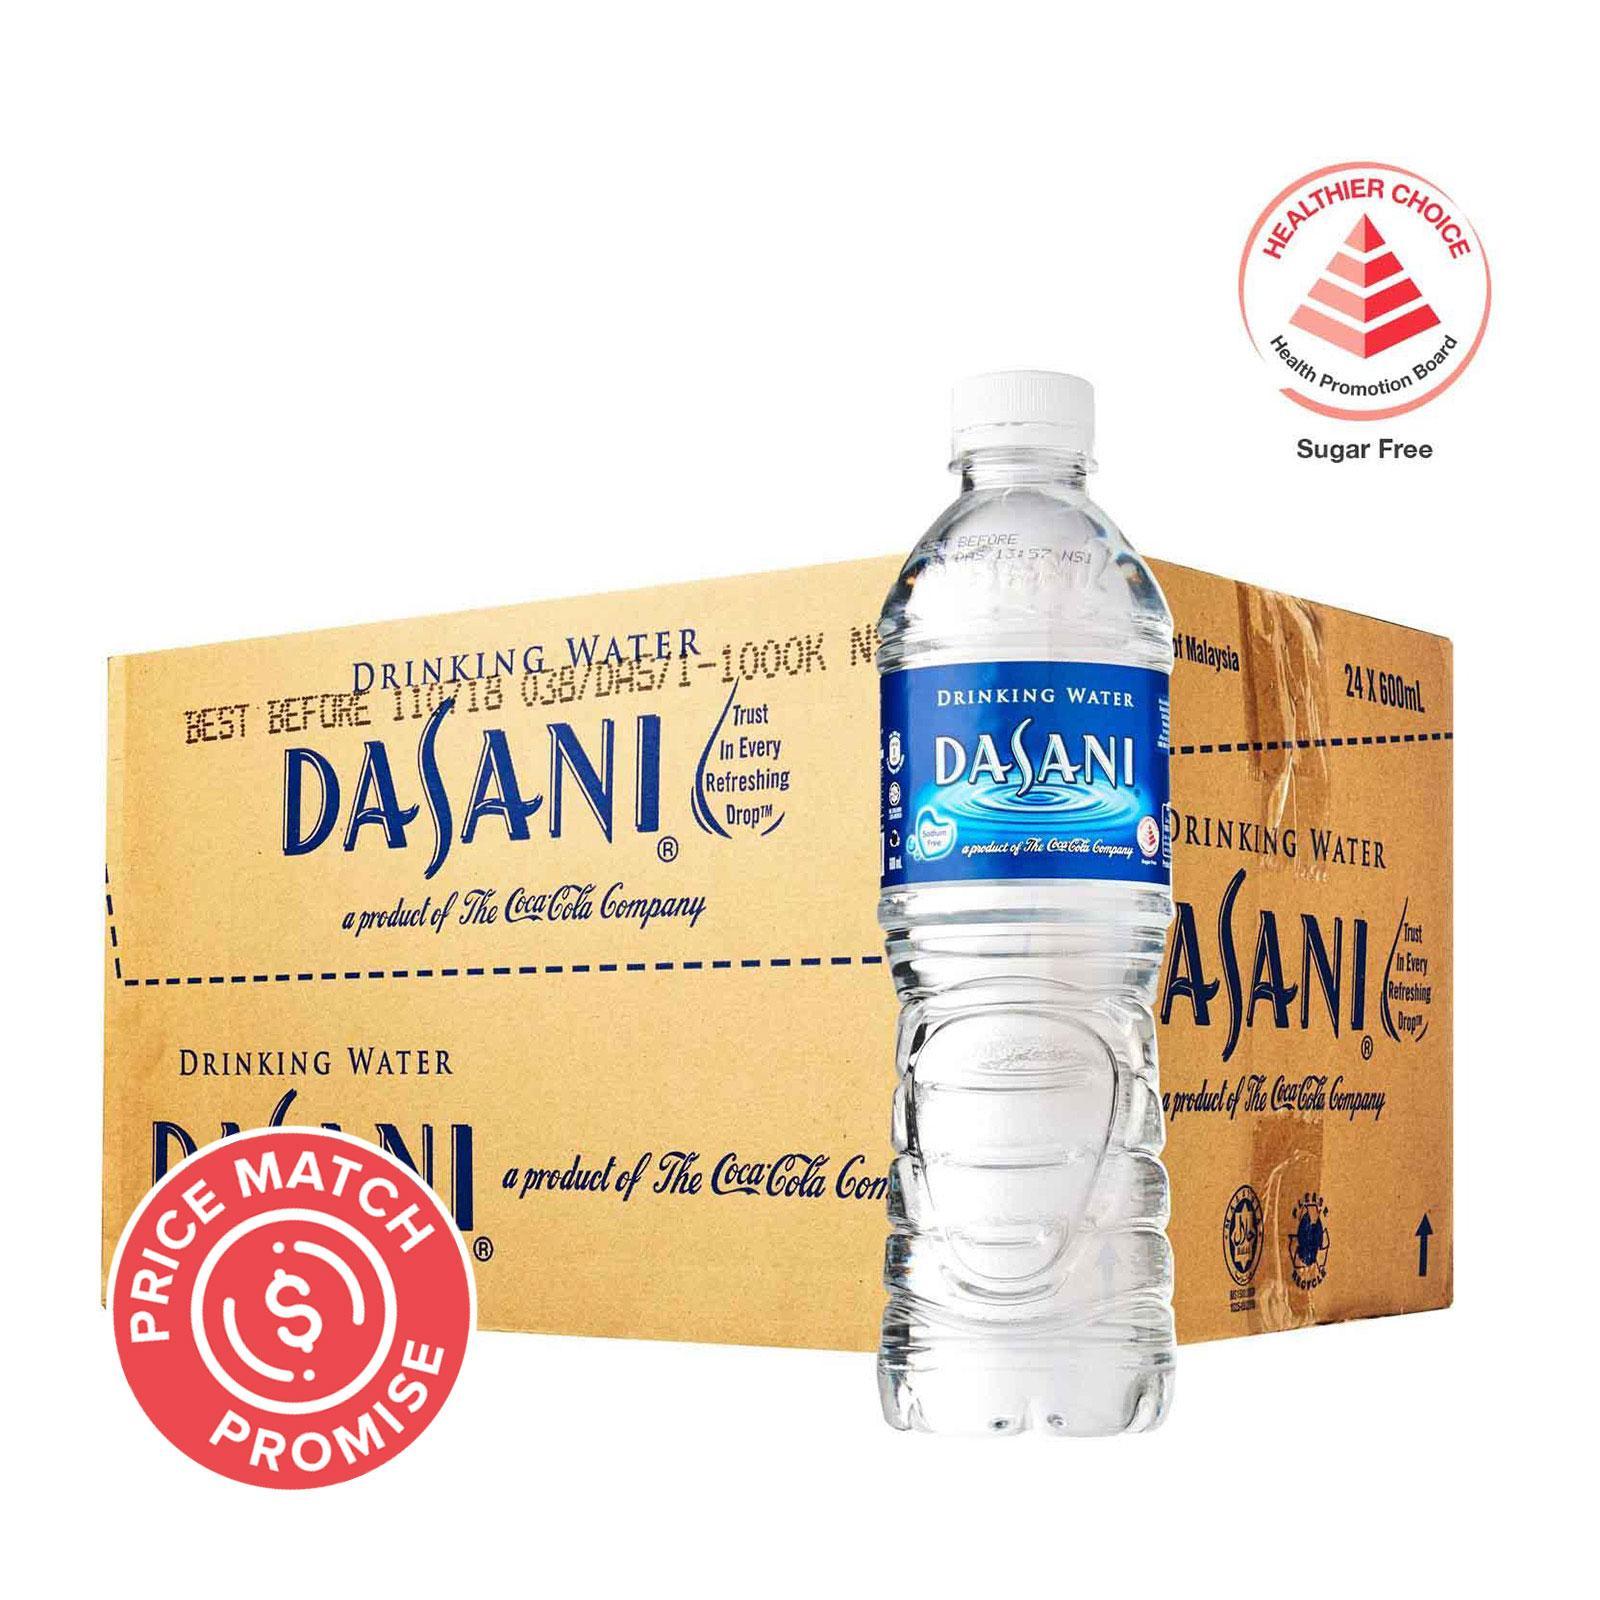 Dasani Drinking Water - Case